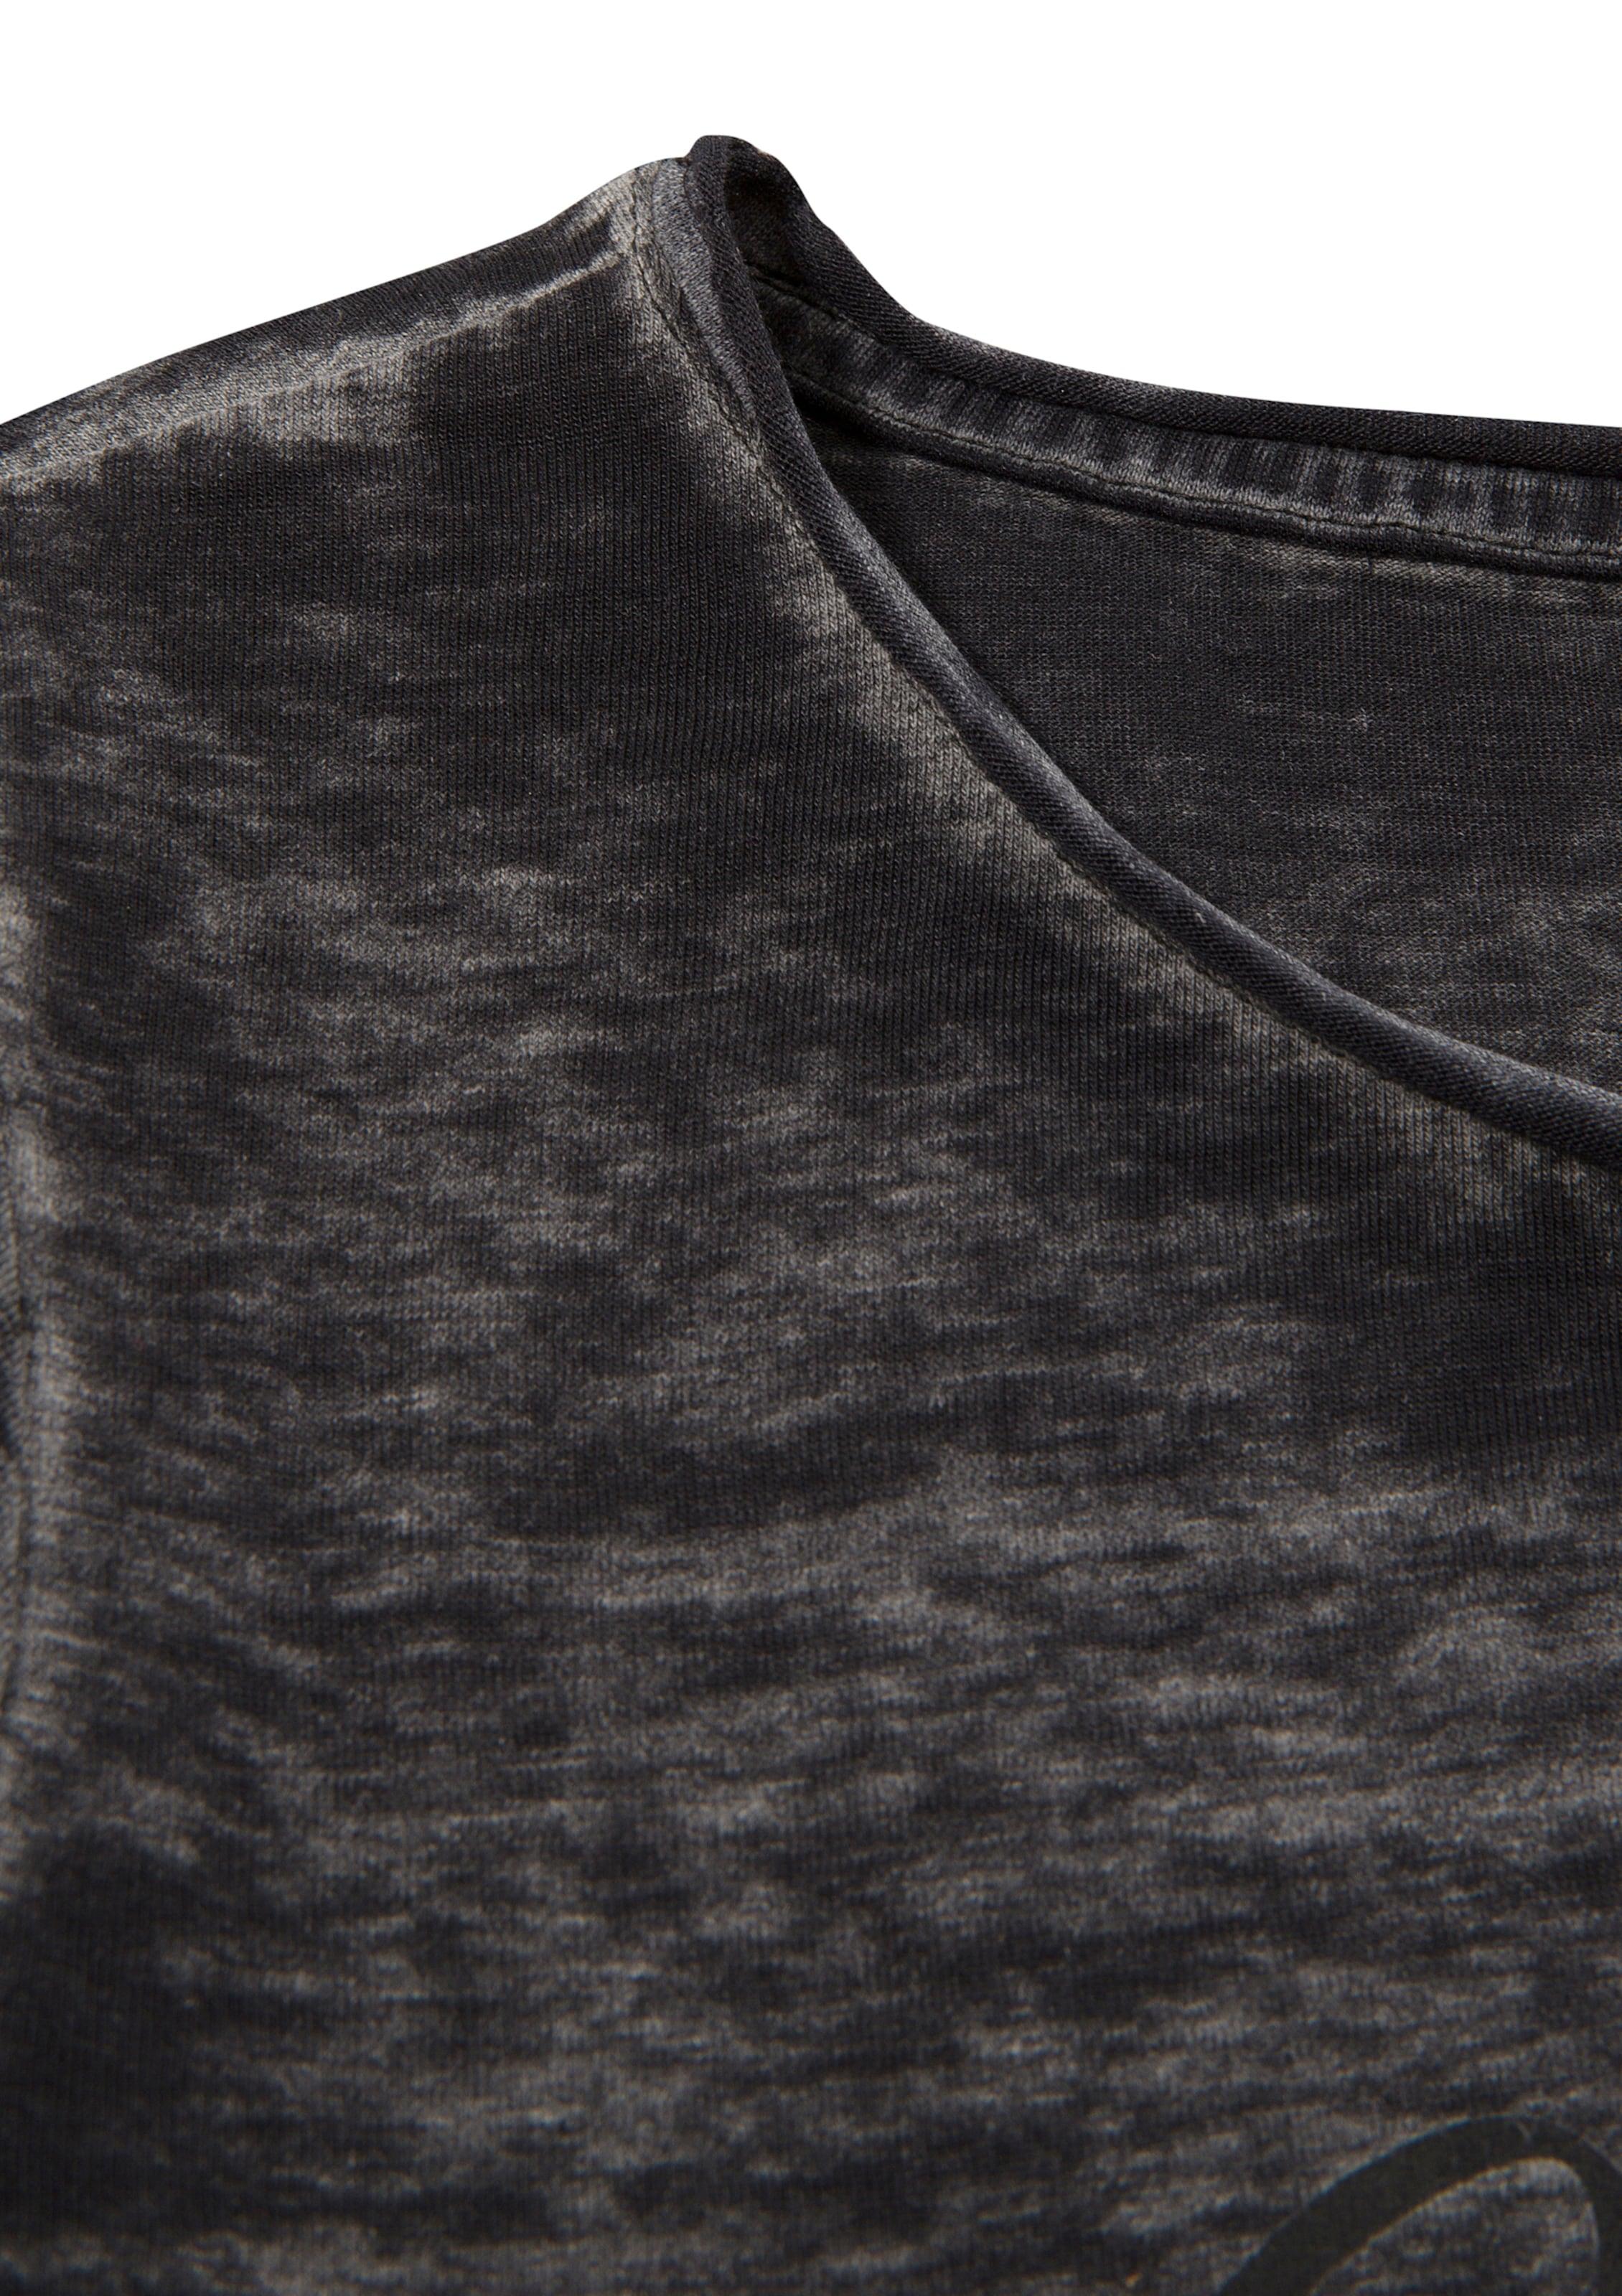 HANGOWEAR Hangowear Trachtenshirt Damen in leicht taillierter Passform in schwarz